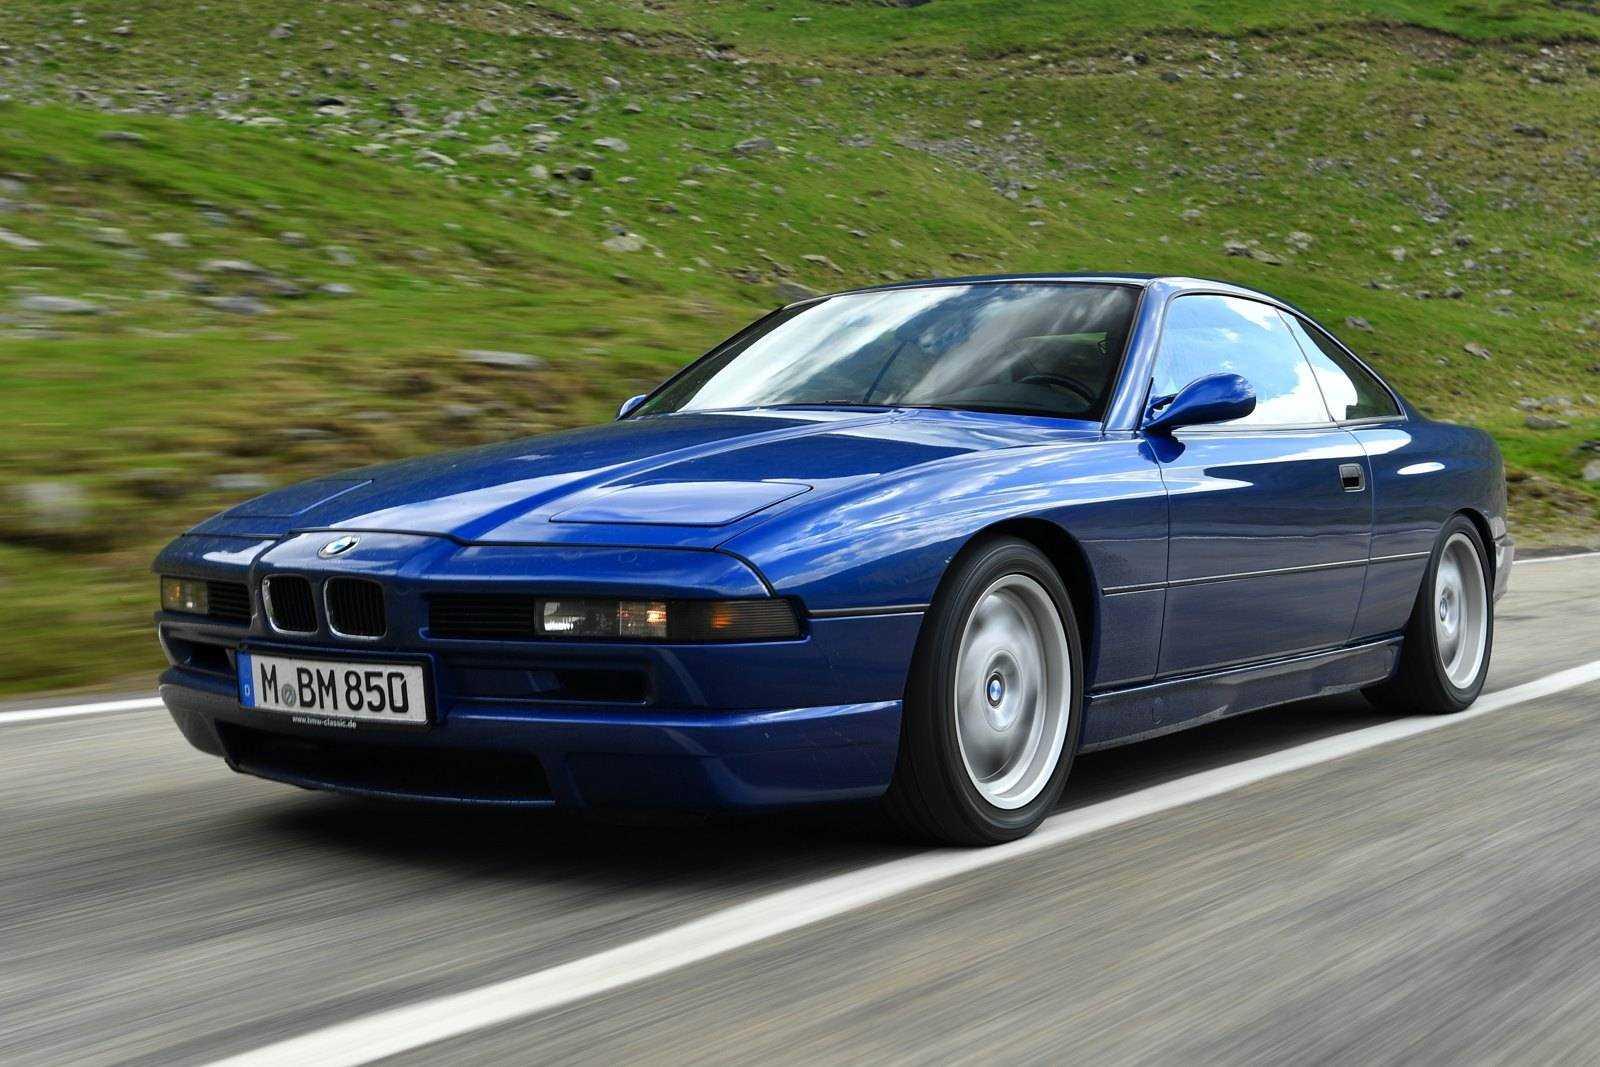 BMW 850i E31 - благородный флагман из 90-х